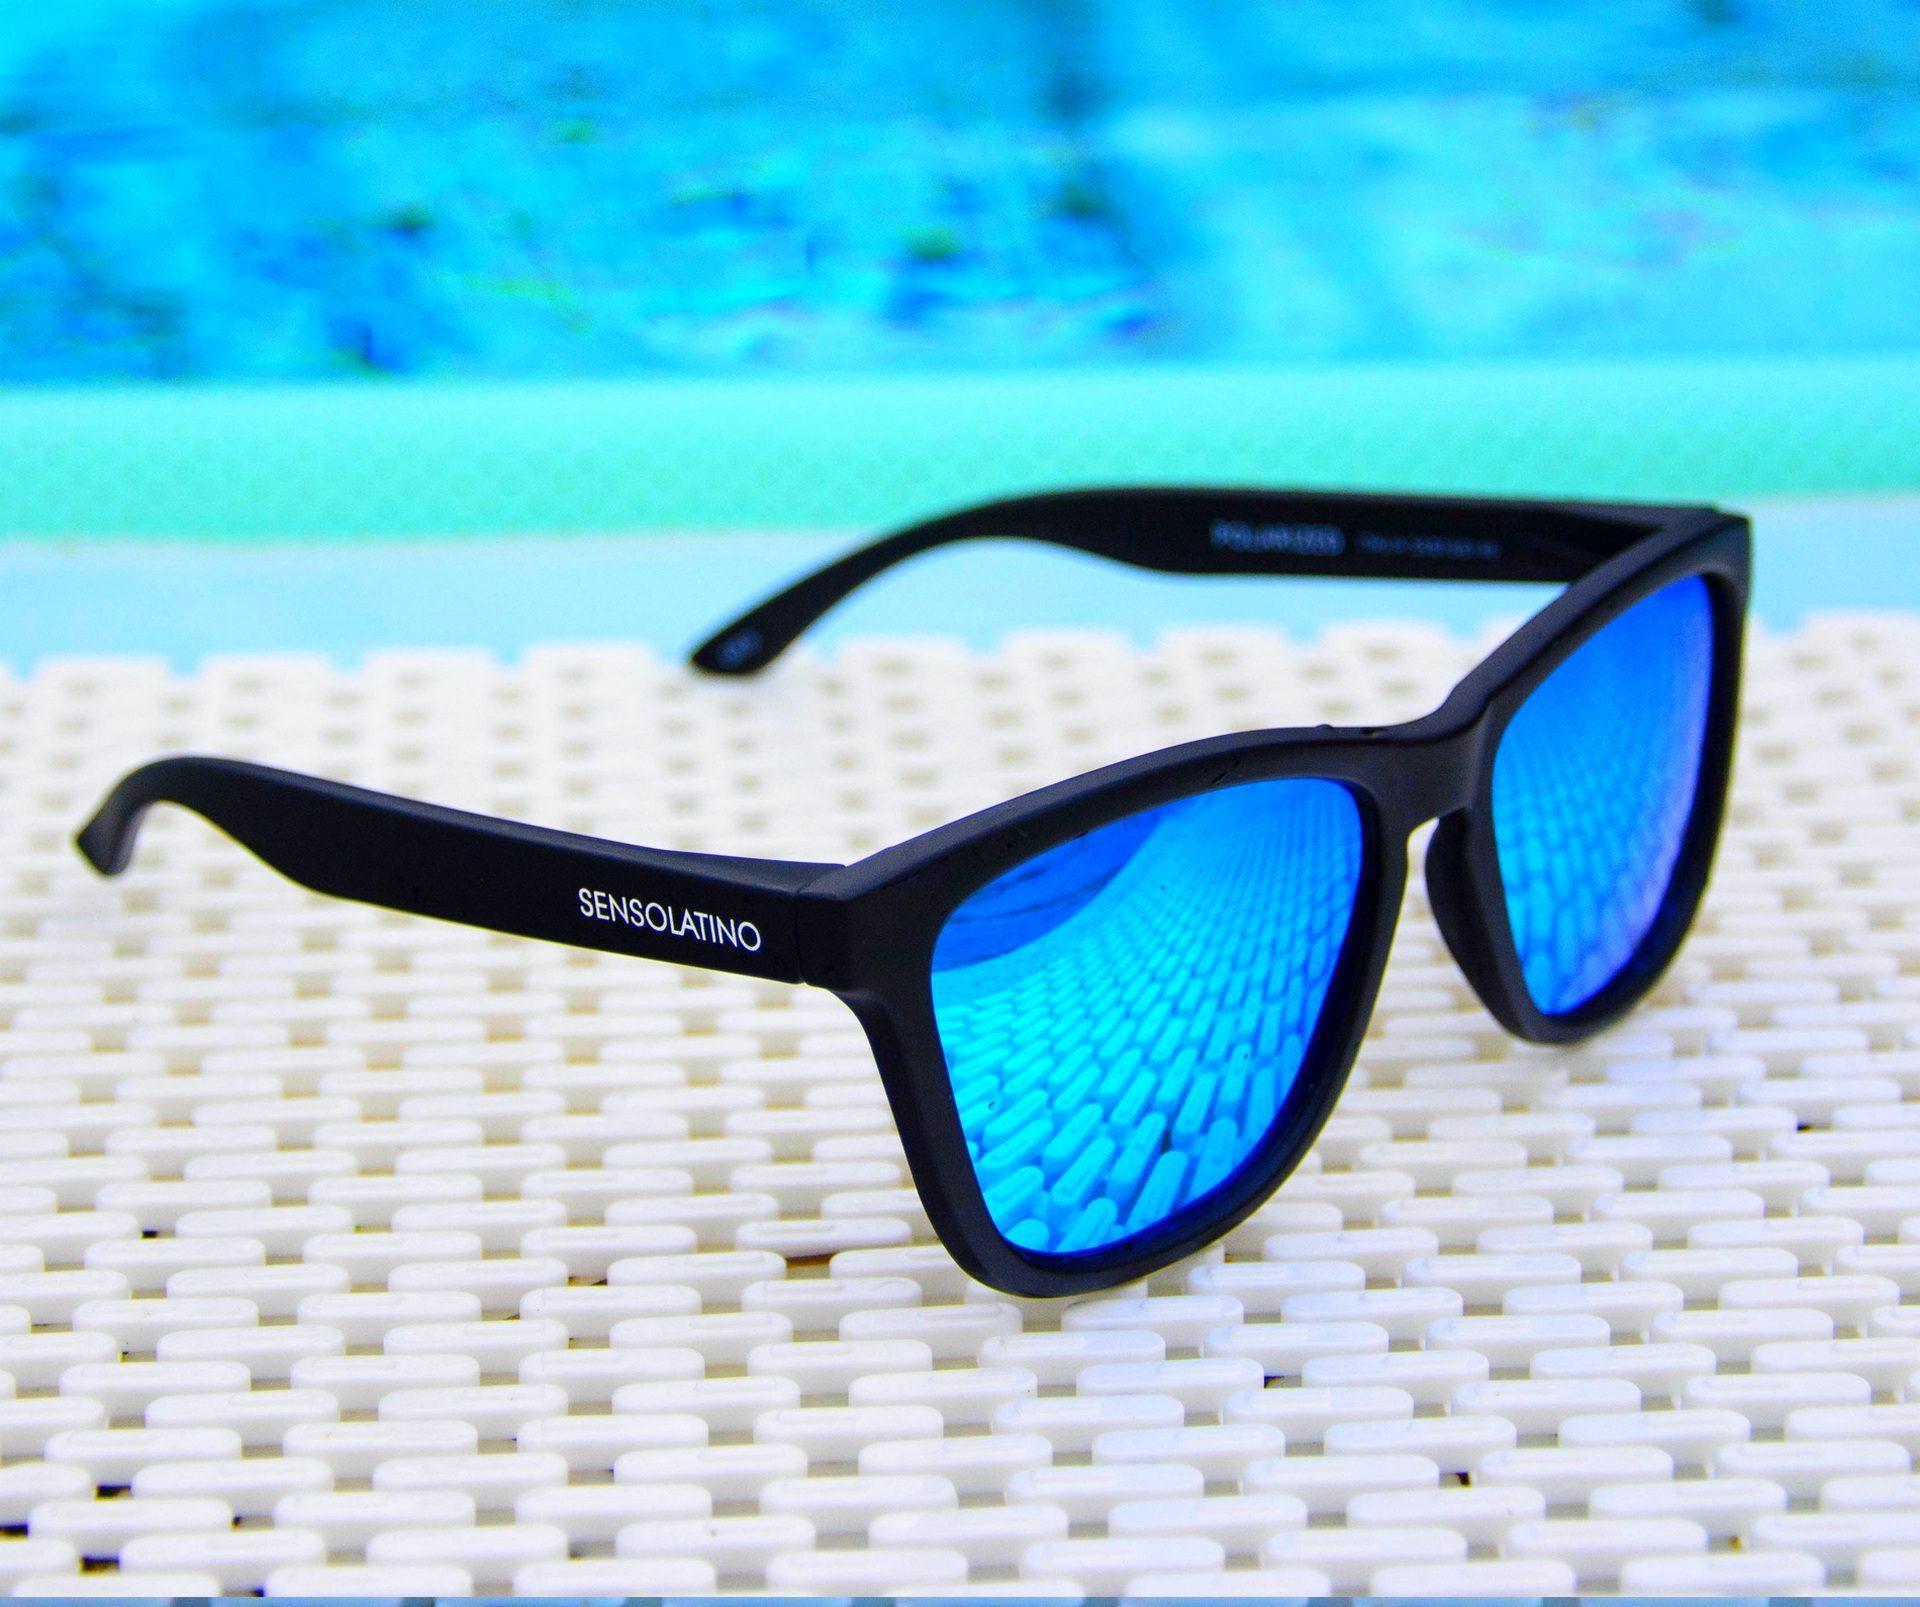 γυαλιά ηλίου, πισίνα, νερό, καλοκαίρι, ελεύθερου χρόνου, διασκέδαση - Wallpapers HD - Professor-falken.com